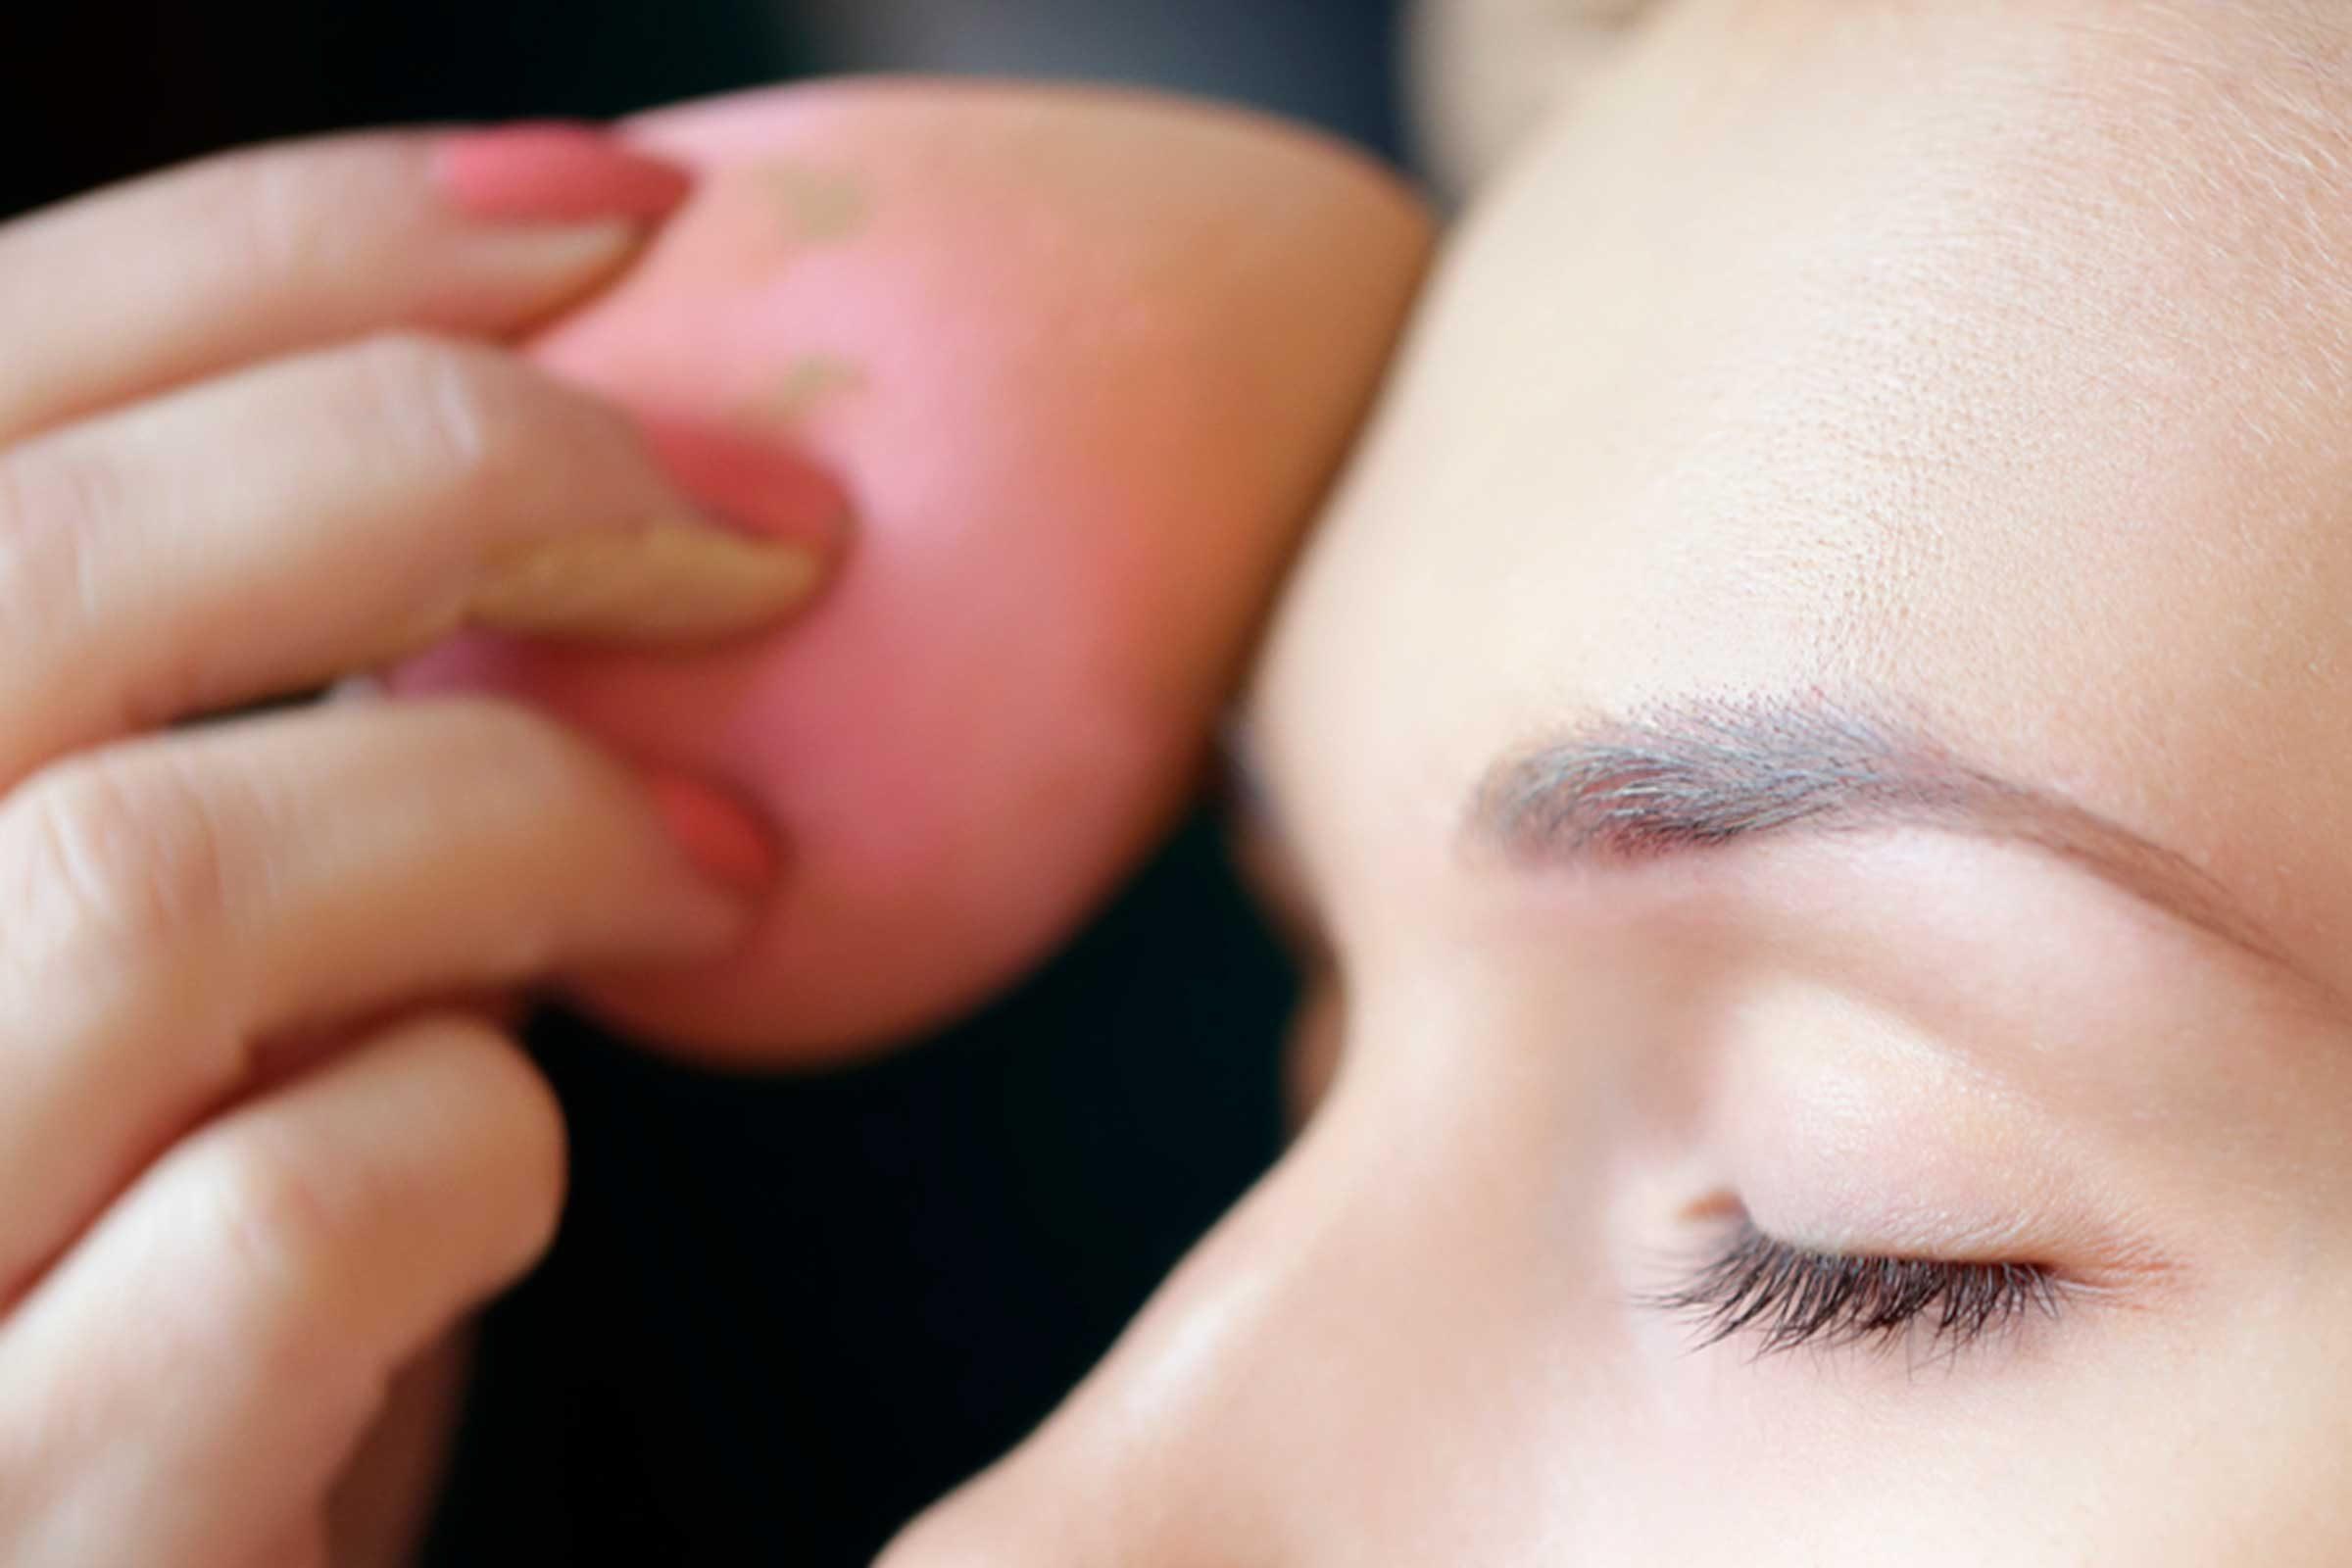 Secret de beauté: Le maquillage ne vous rendra pas forcément plus belle